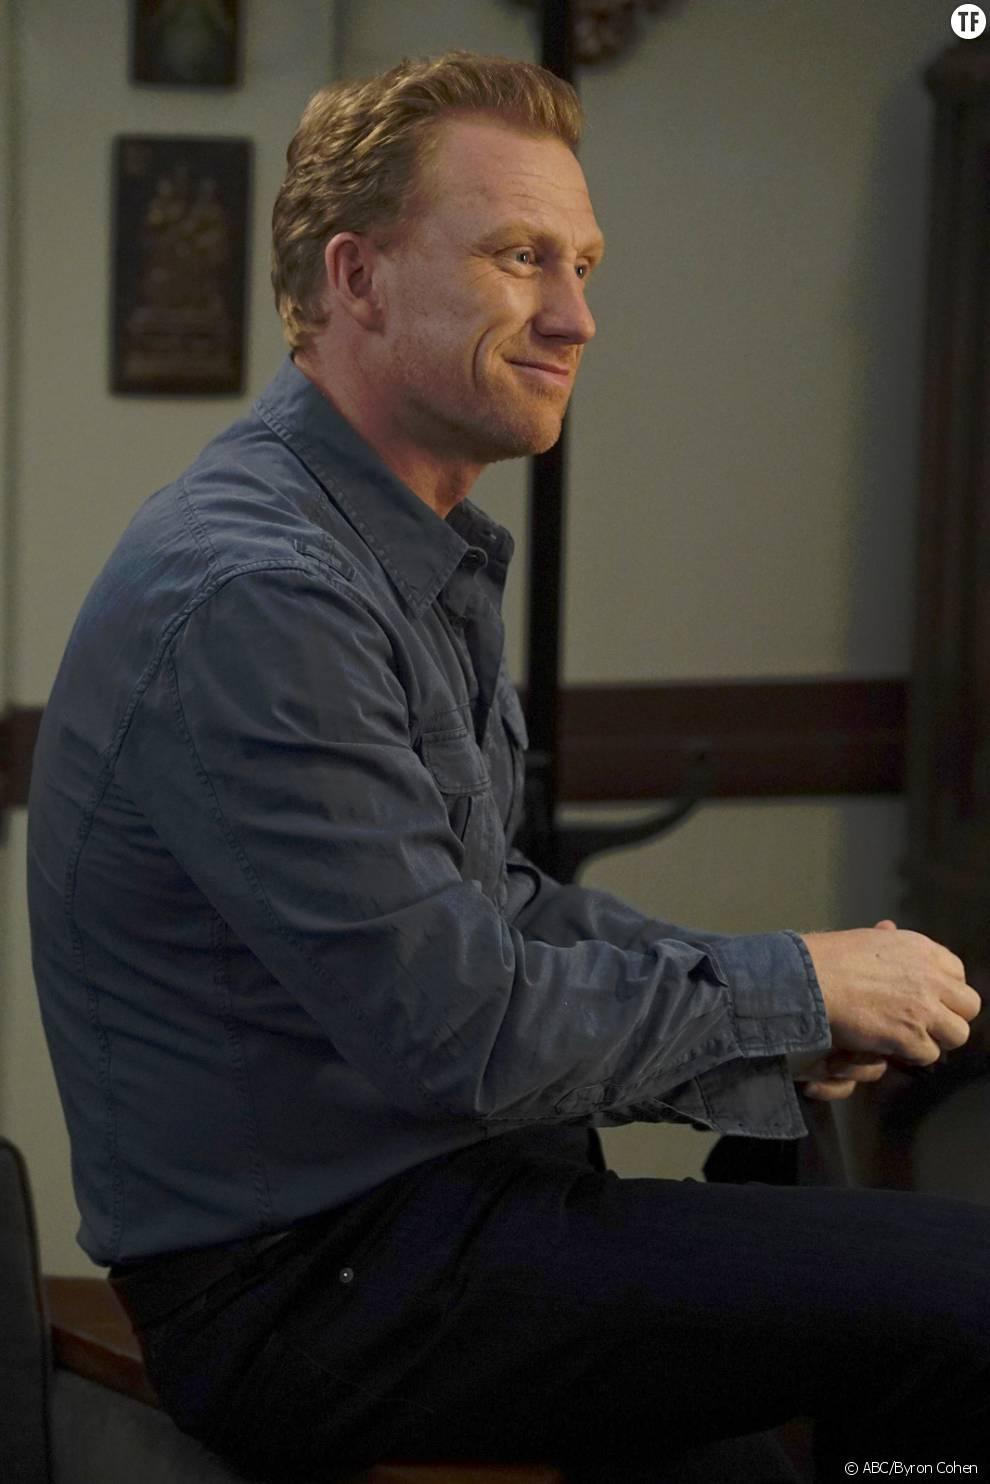 Streaming Grey's Anatomy Saison 15 Episode 9 : streaming, grey's, anatomy, saison, episode, Grey's, Anatomy, Terrafemina